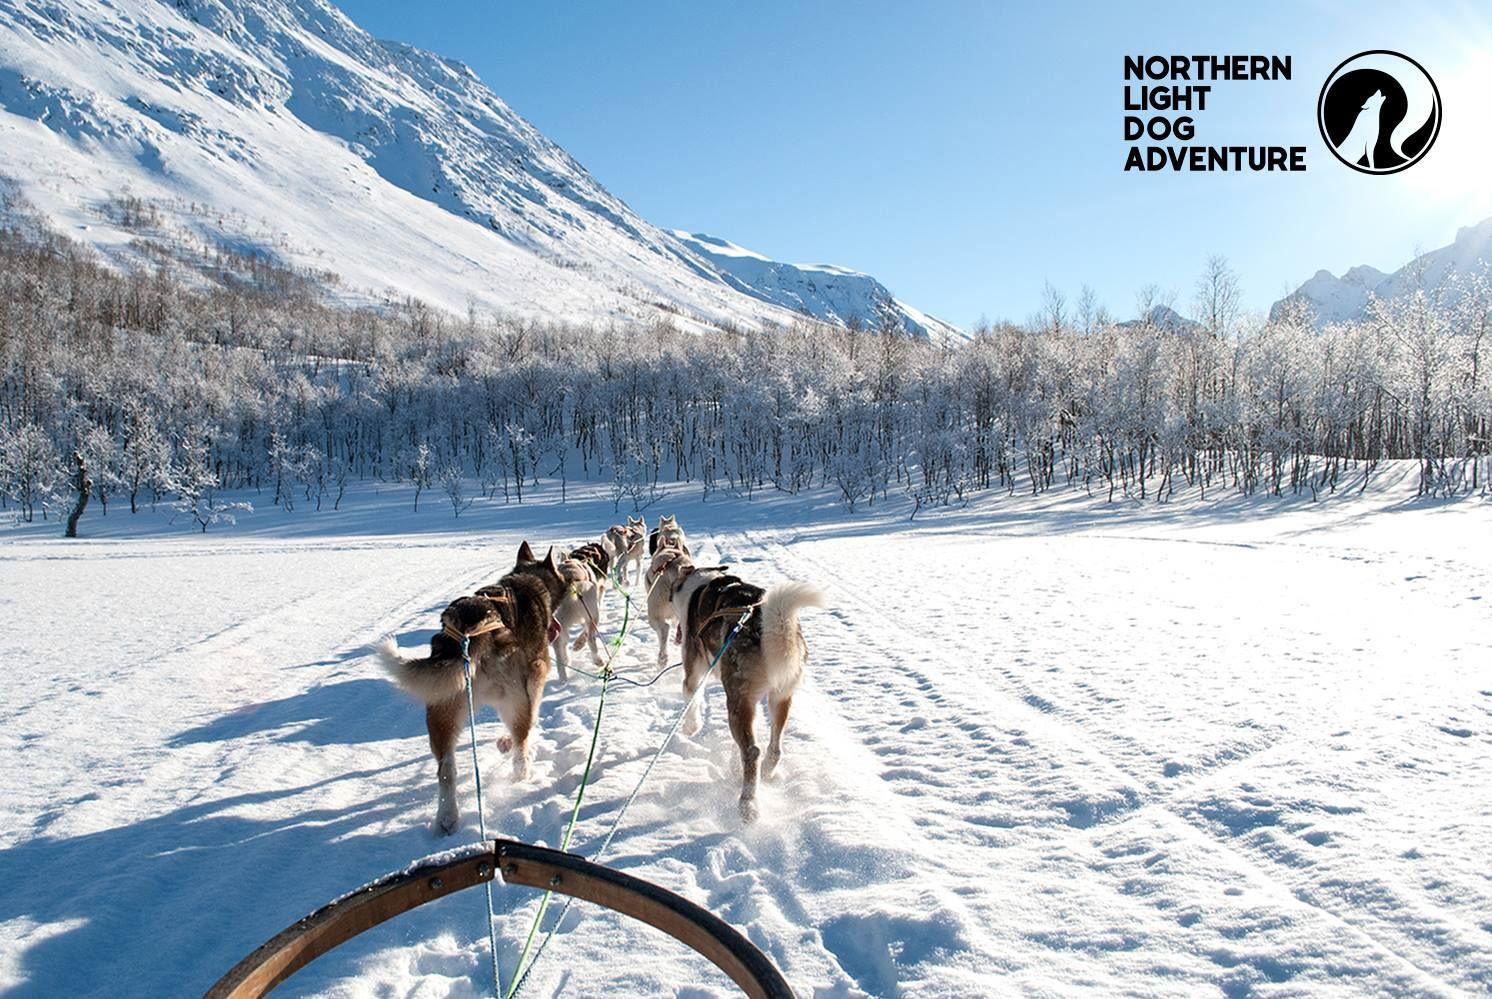 Hundekjører for en dag - Northern Light Dog Adventure